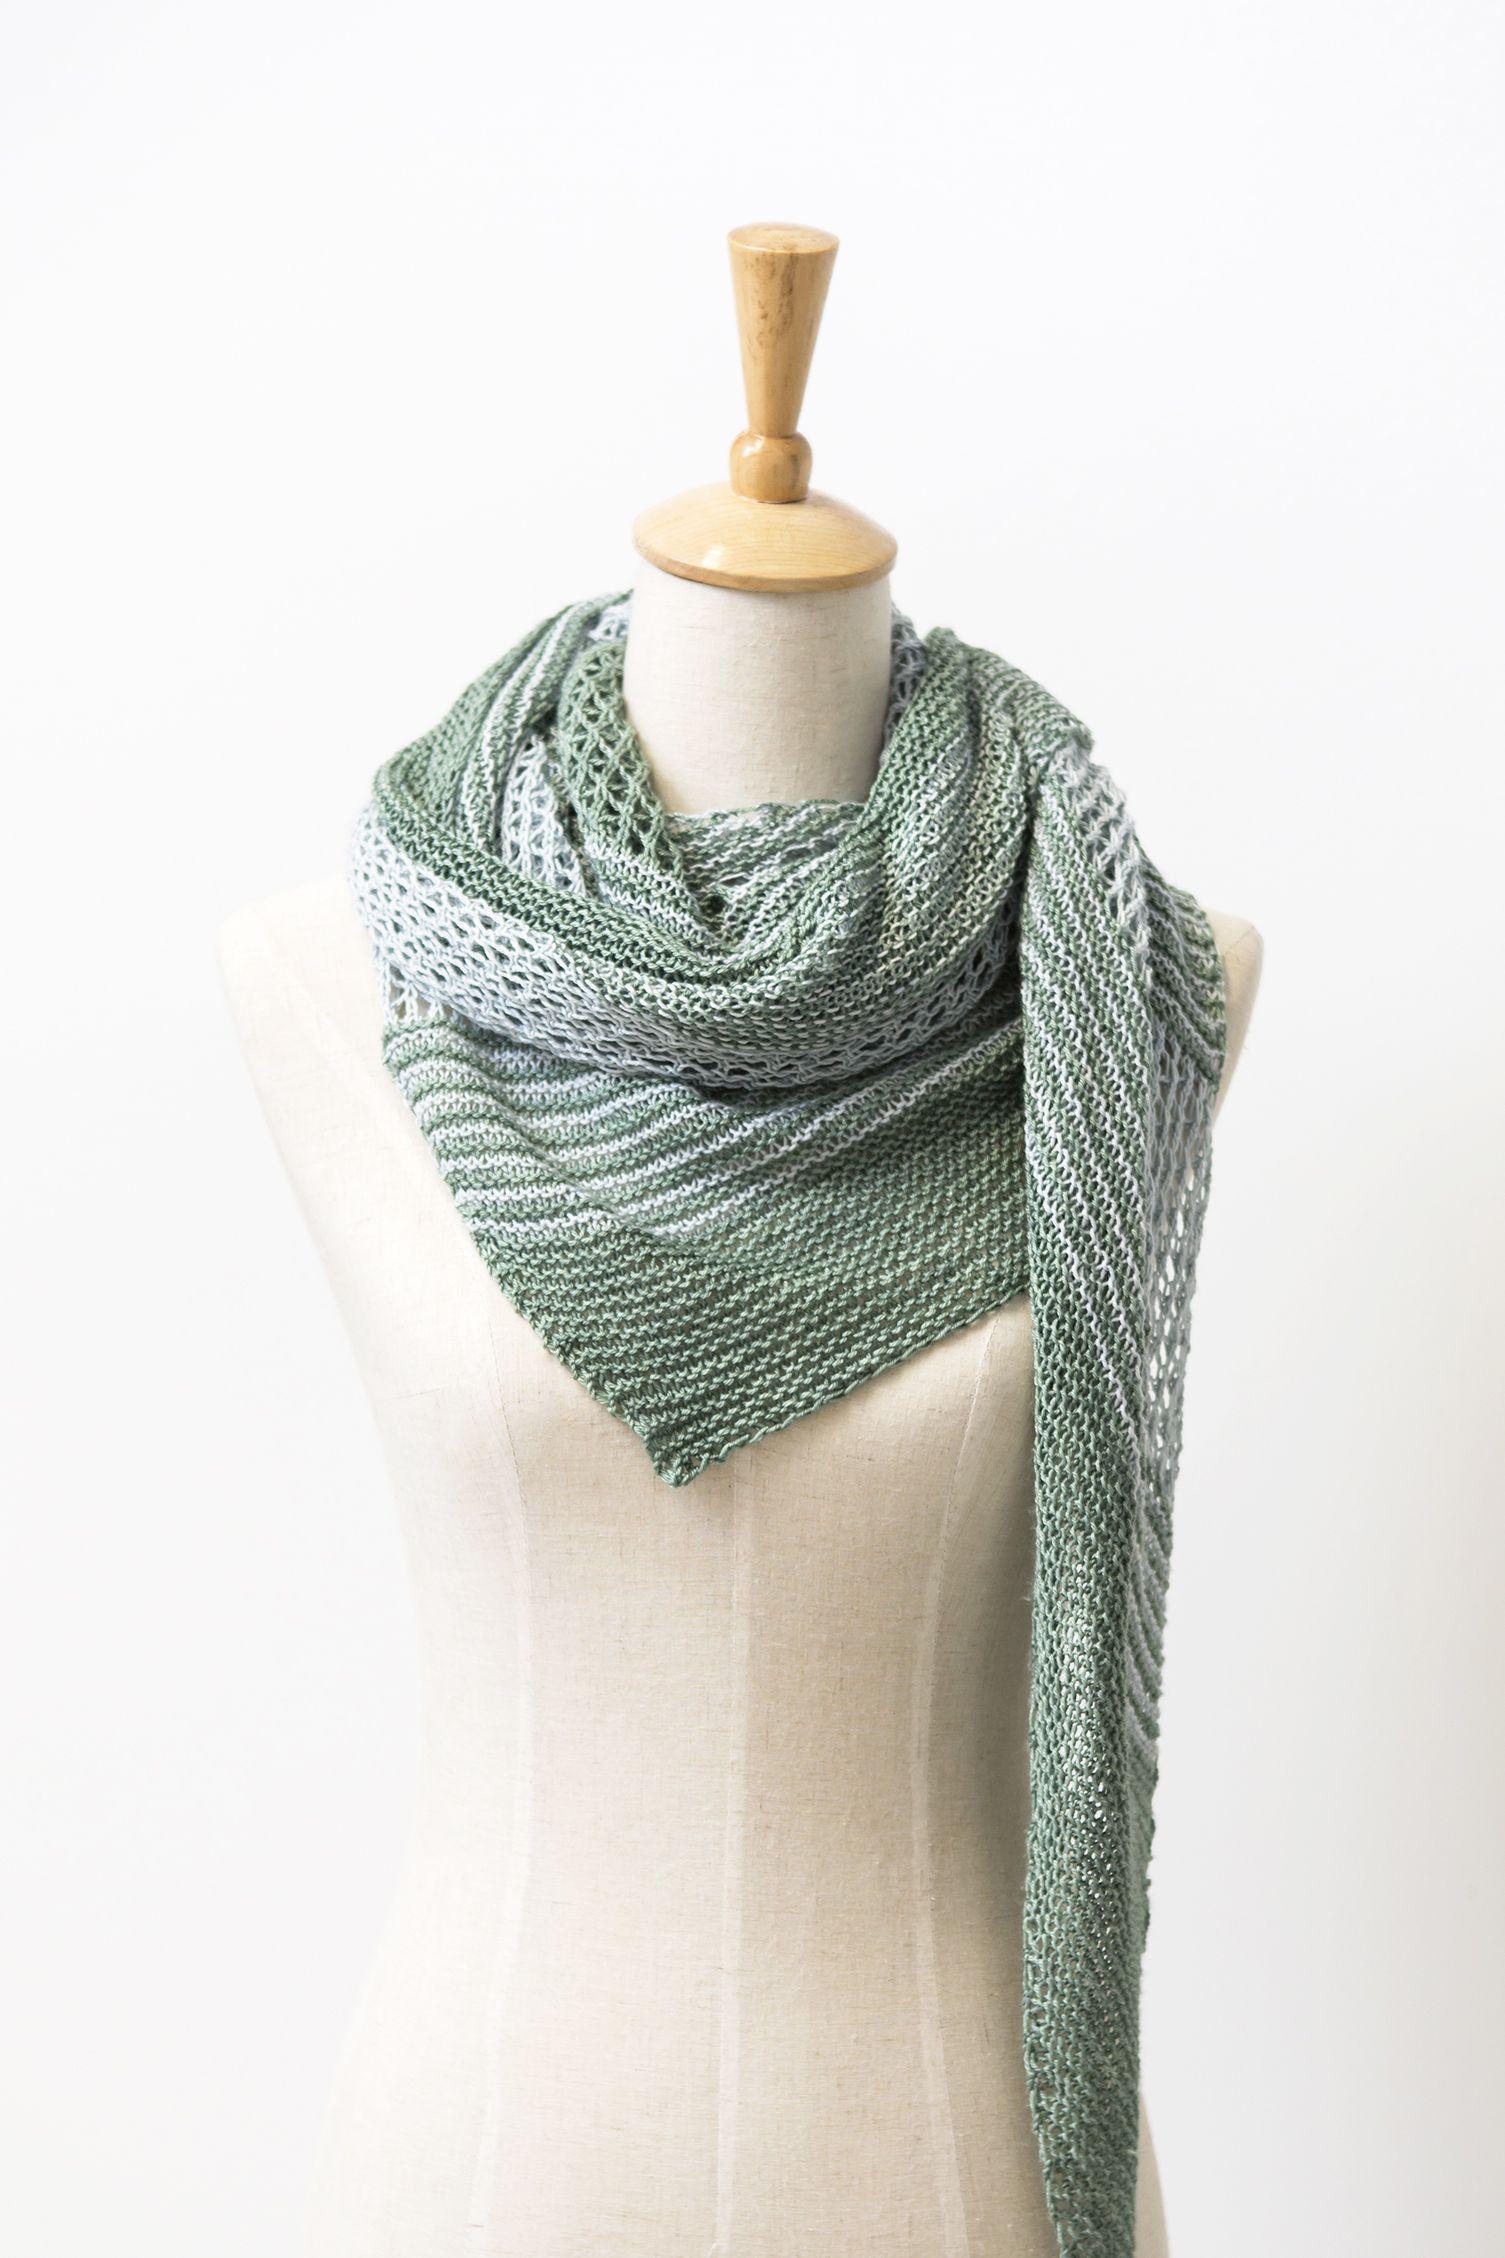 Sea Grass pattern by Janina Kallio | knitting and crochet ...